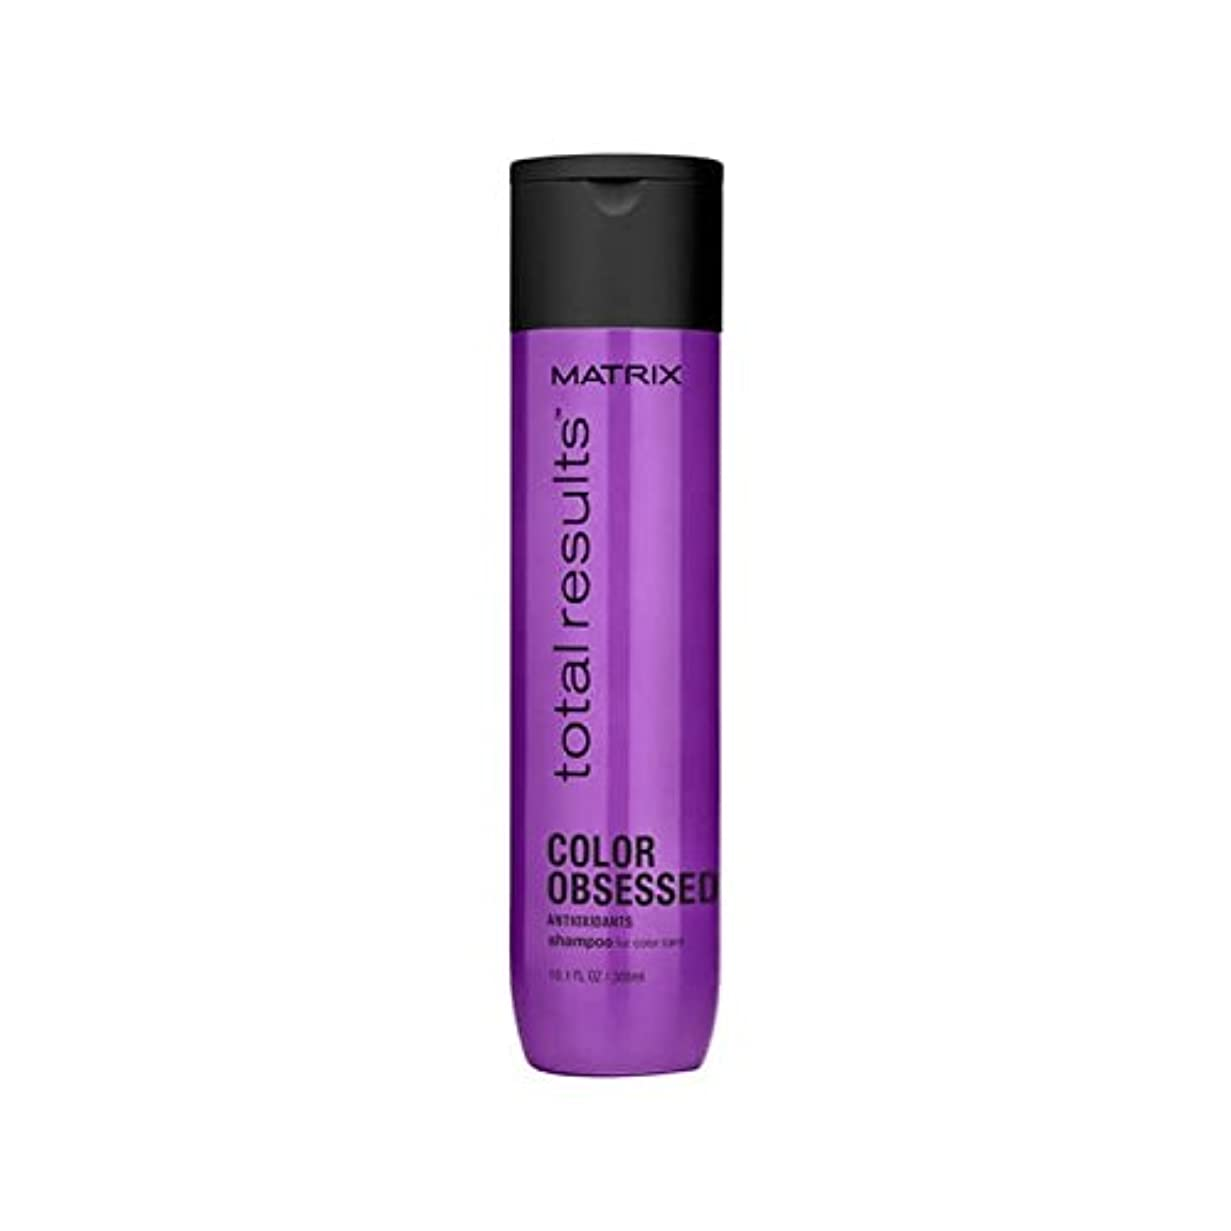 協力的エージェント尊厳Matrix Total Results Color Obsessed Shampoo (300ml) - マトリックスの総結果色夢中シャンプー(300ミリリットル) [並行輸入品]